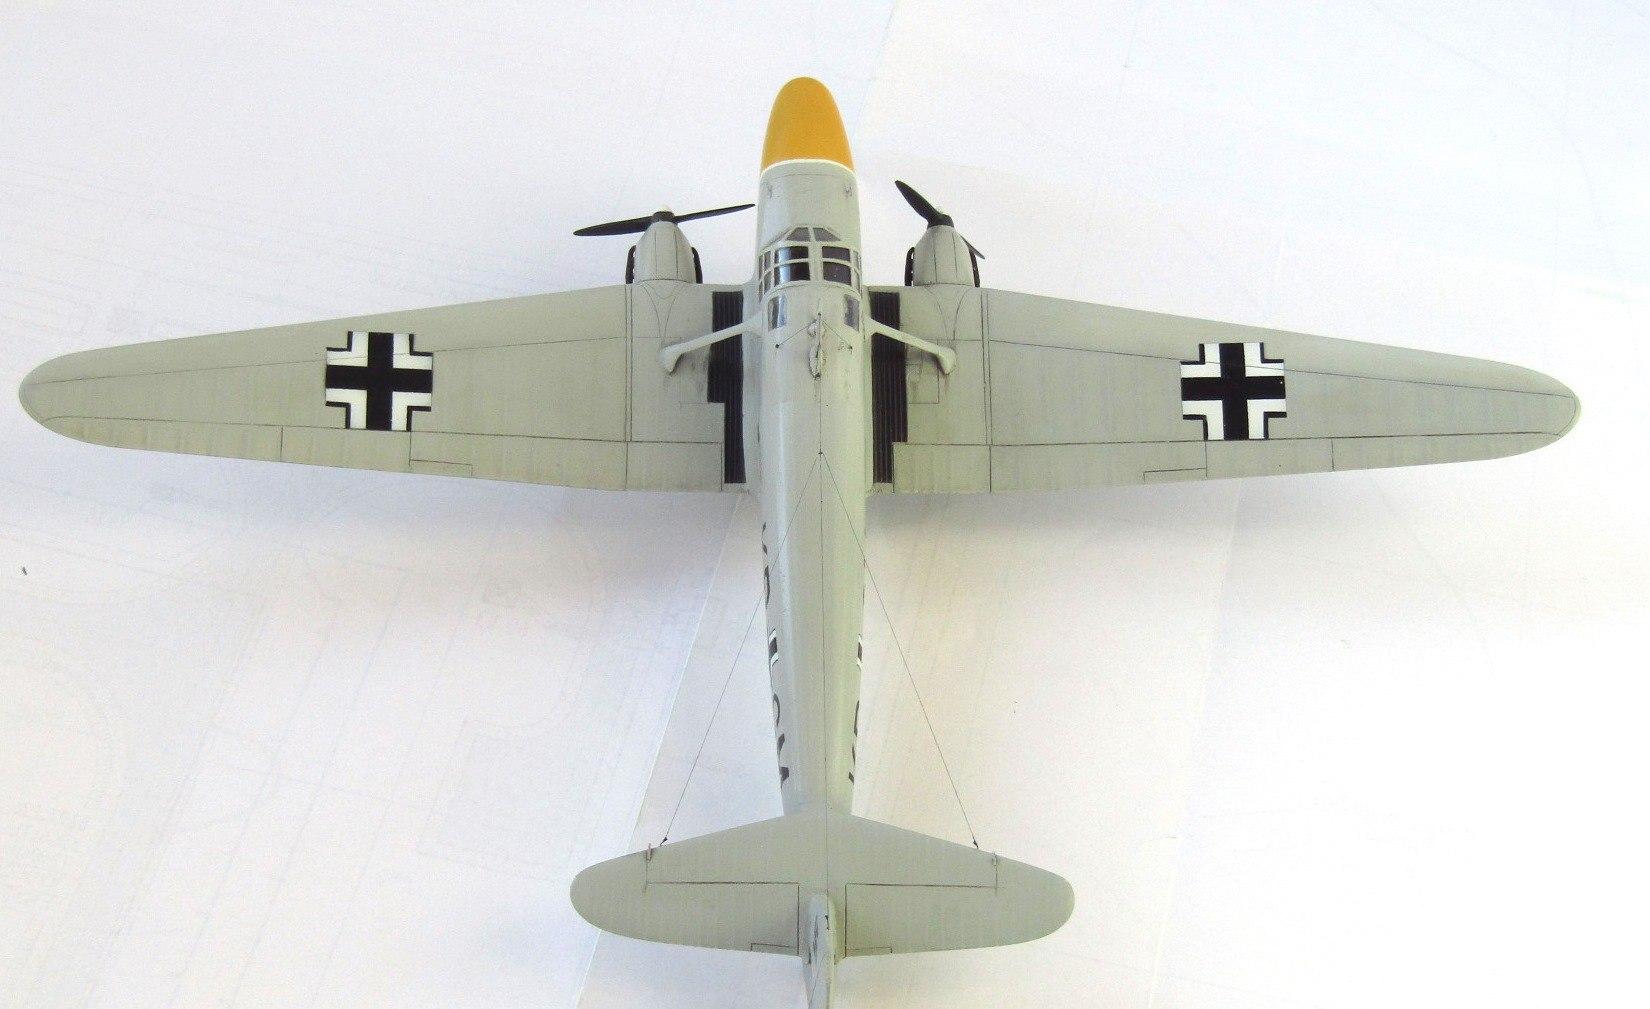 FW - 58C weihe 1/72 (Special Hobby) MTlw2YXxnpk